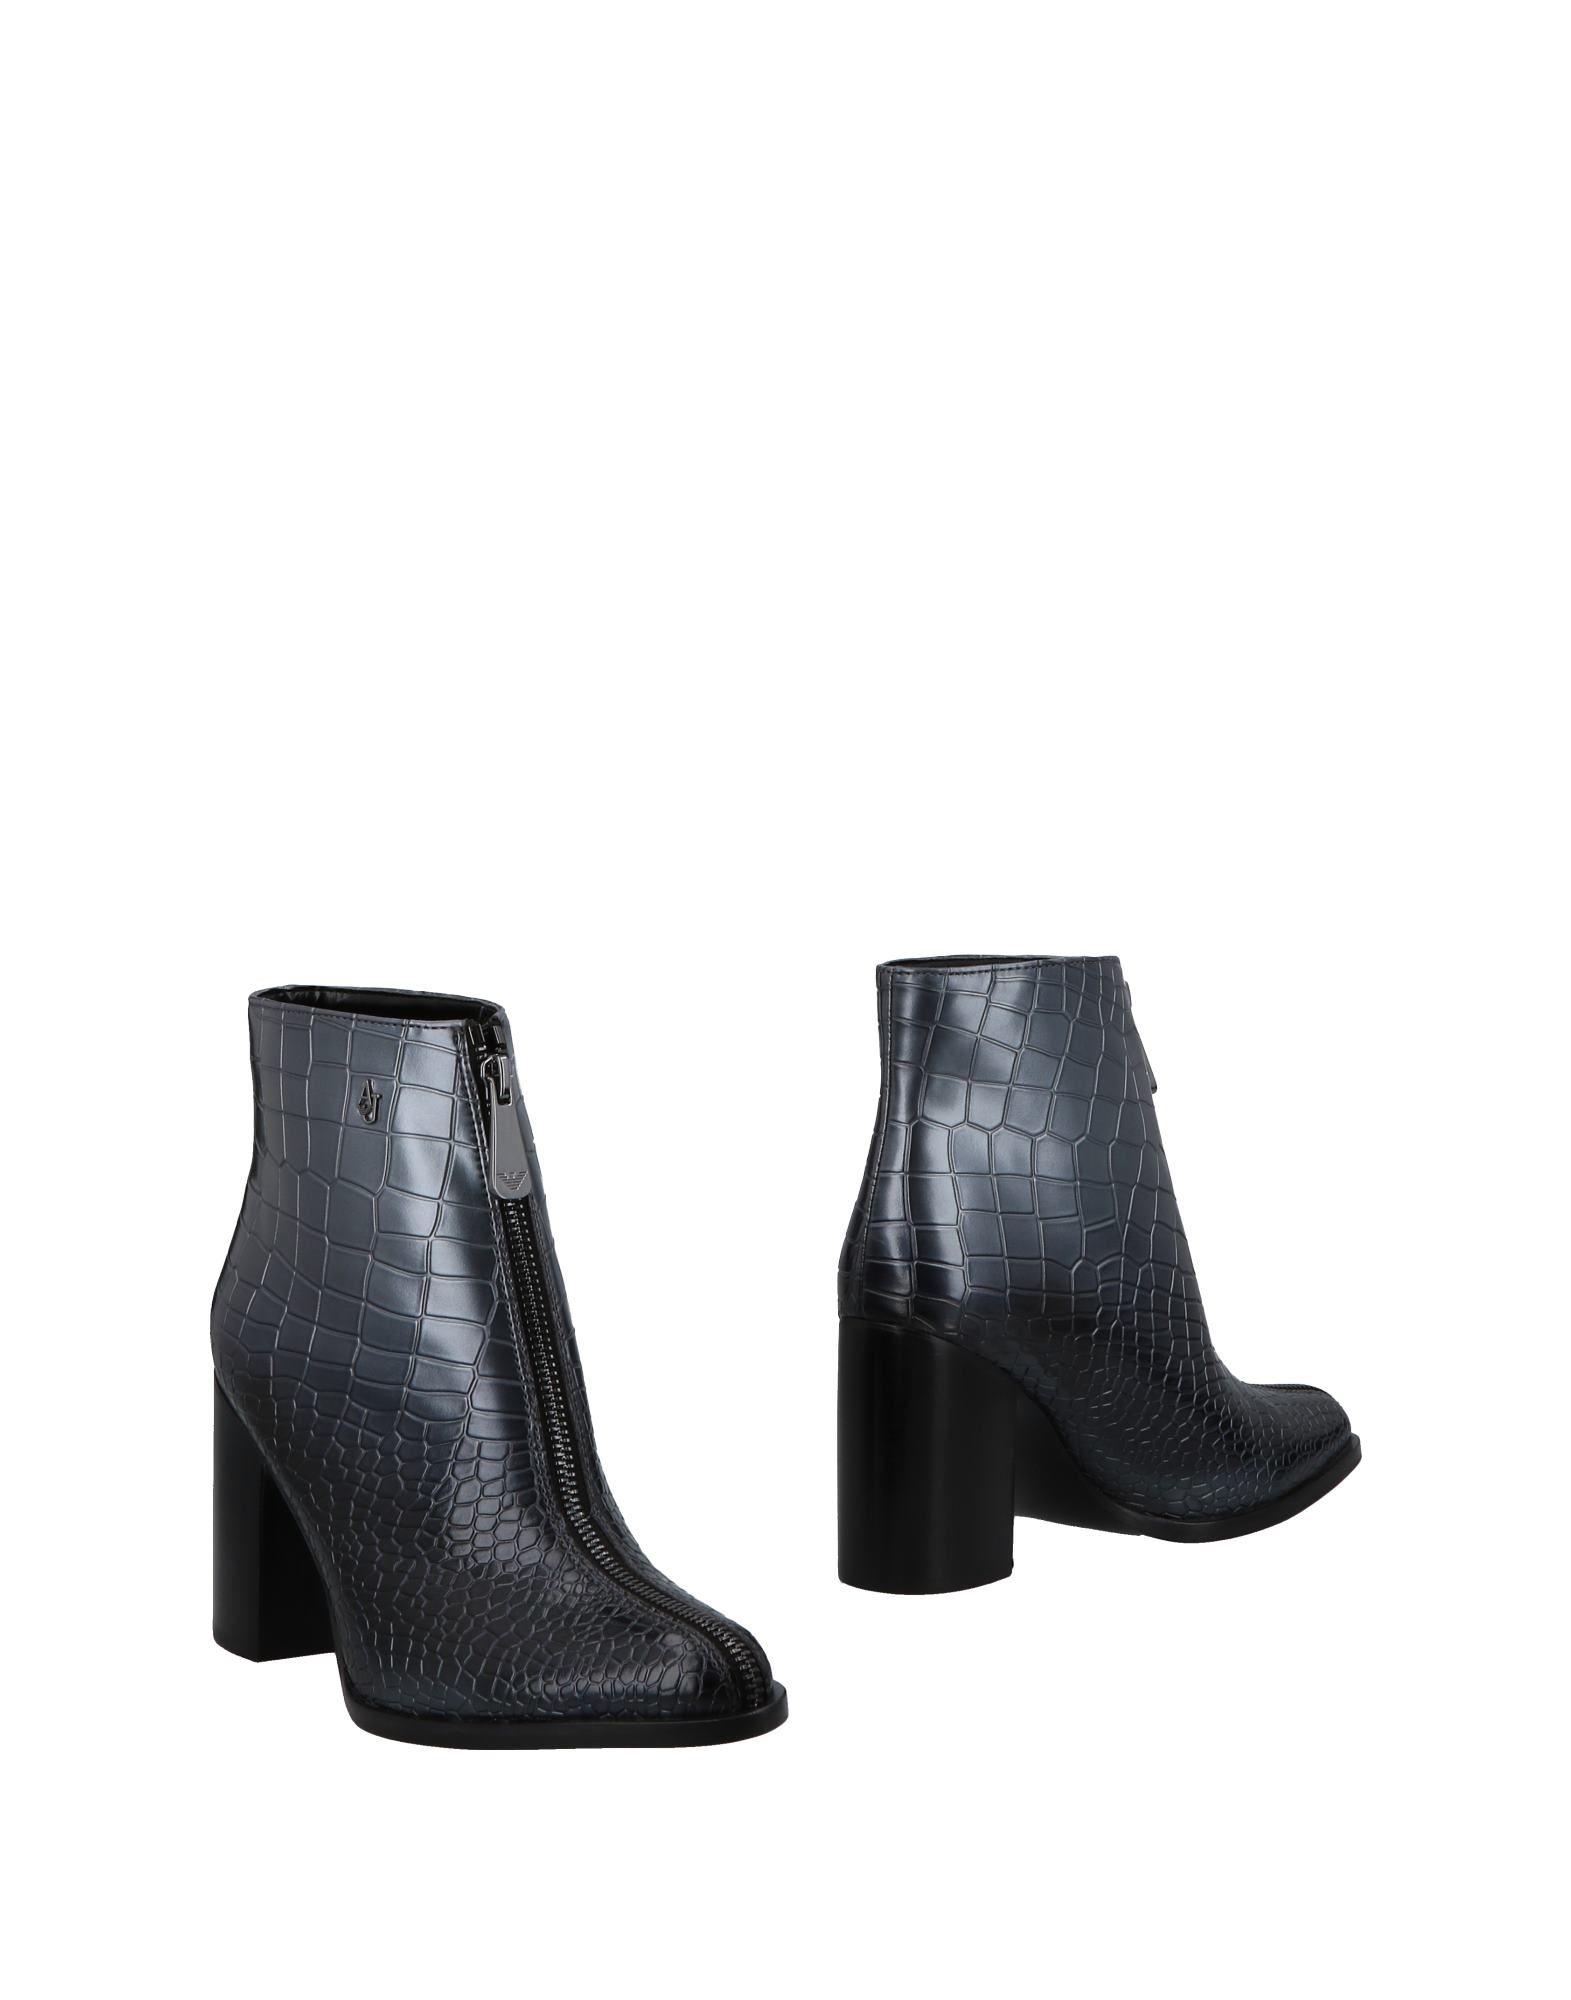 Stivaletti Armani Jeans Donna Donna Jeans - 11504806LE ca6ae6